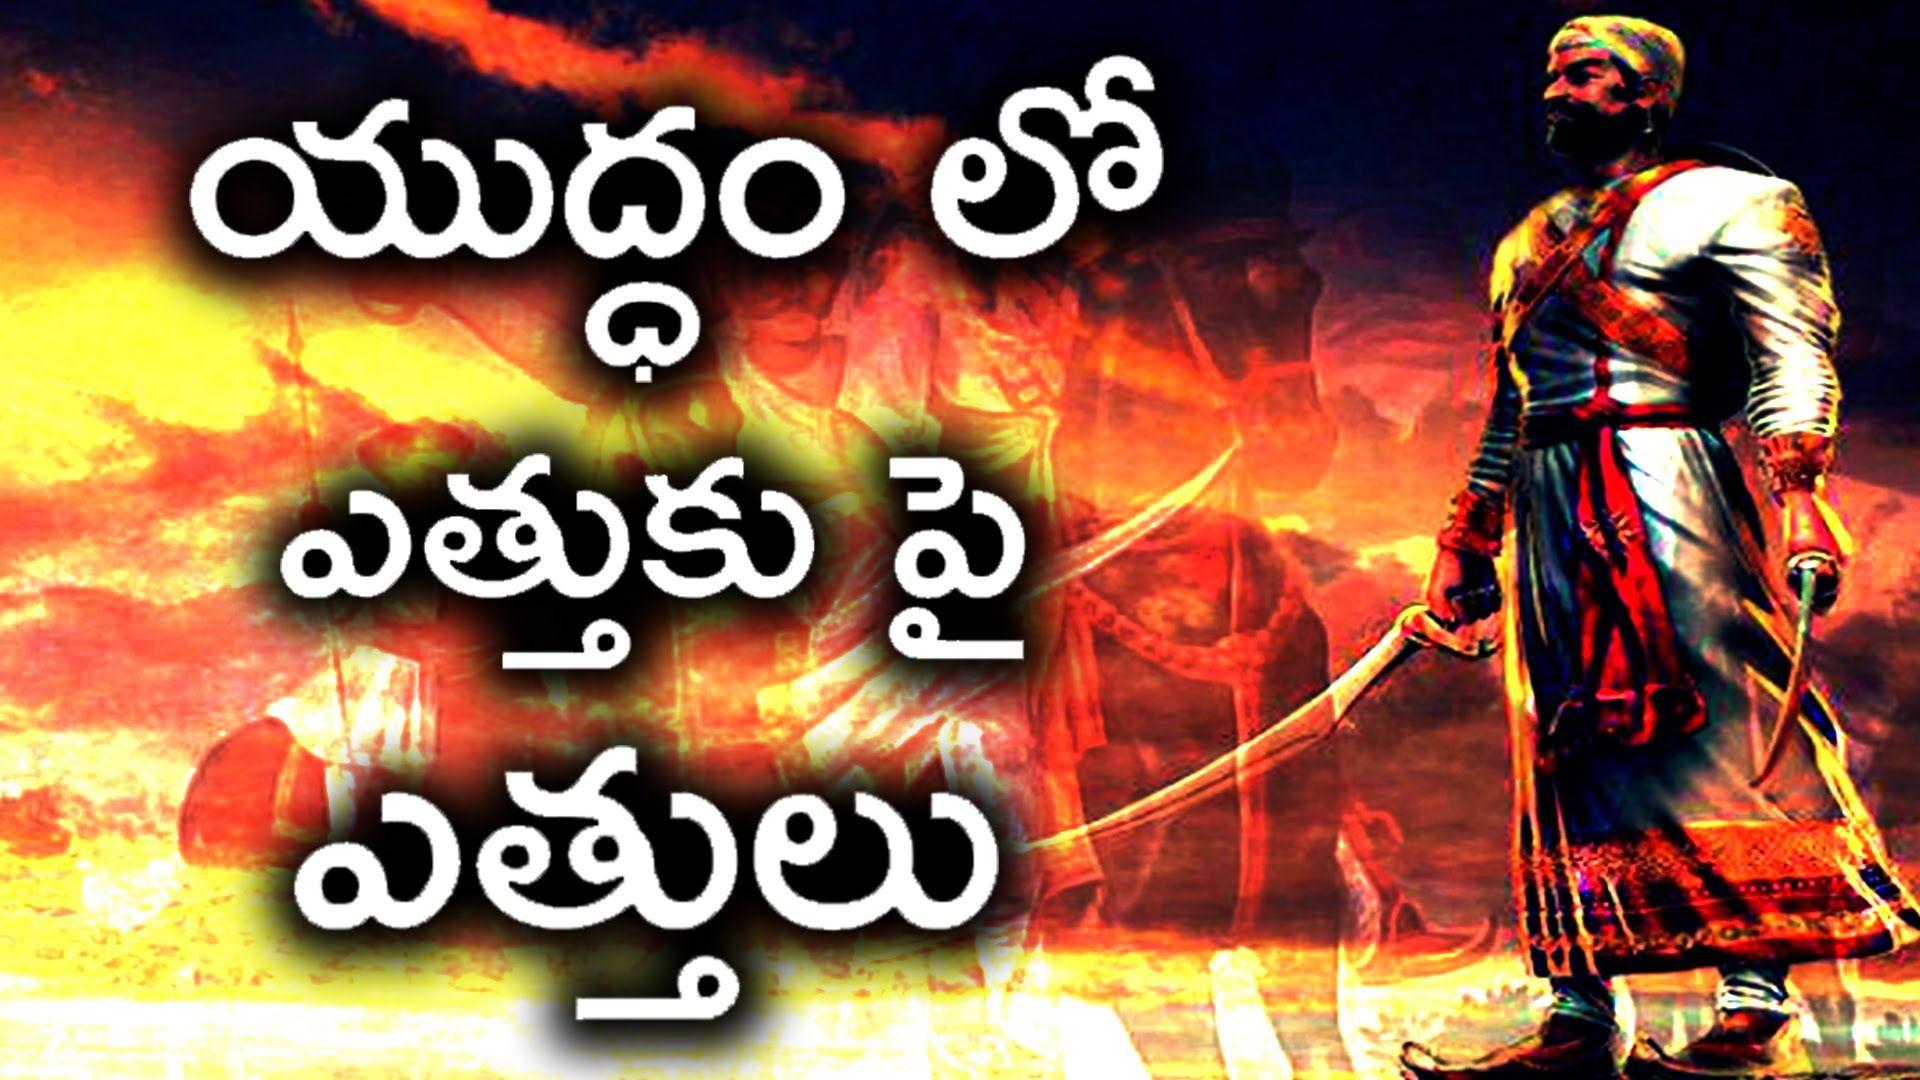 ఔరంగ జేబు తో శివాజీ యుద్ధం యుద్ధ సమయం లో..| Chhatrapati Shivaji Life His...